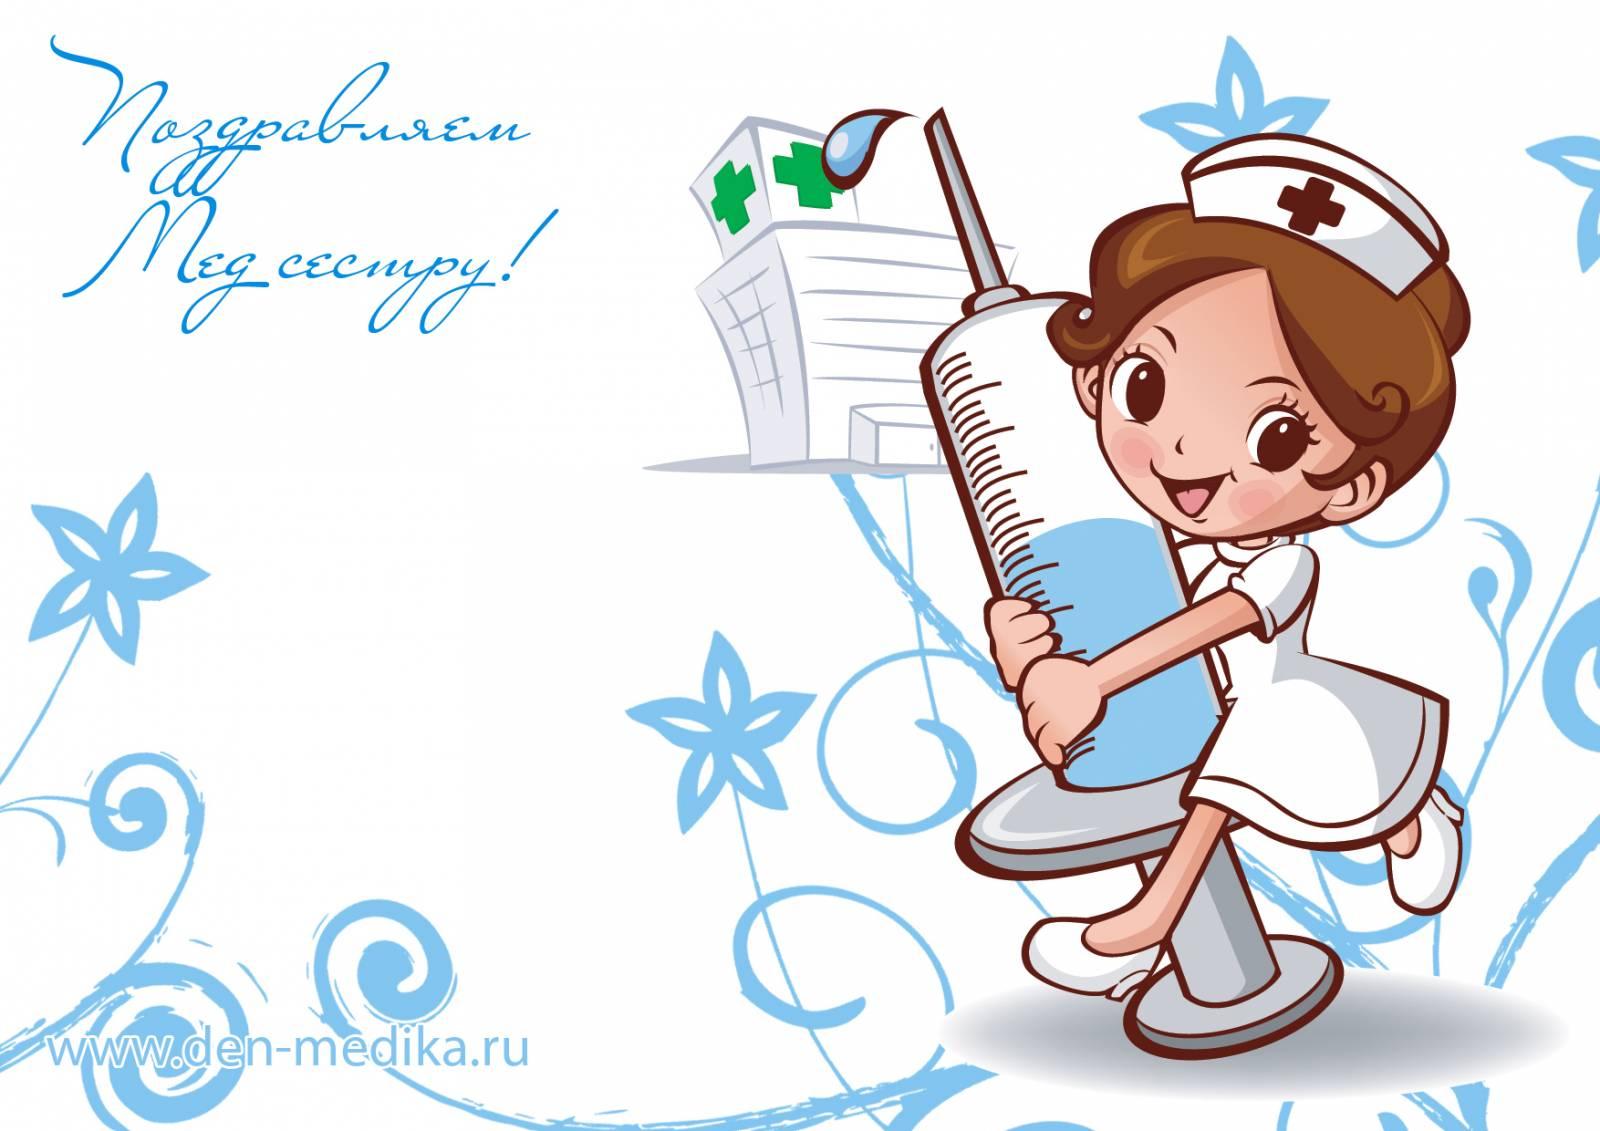 Стихи ко дню стоматолога, пожелания зубным врачам 97